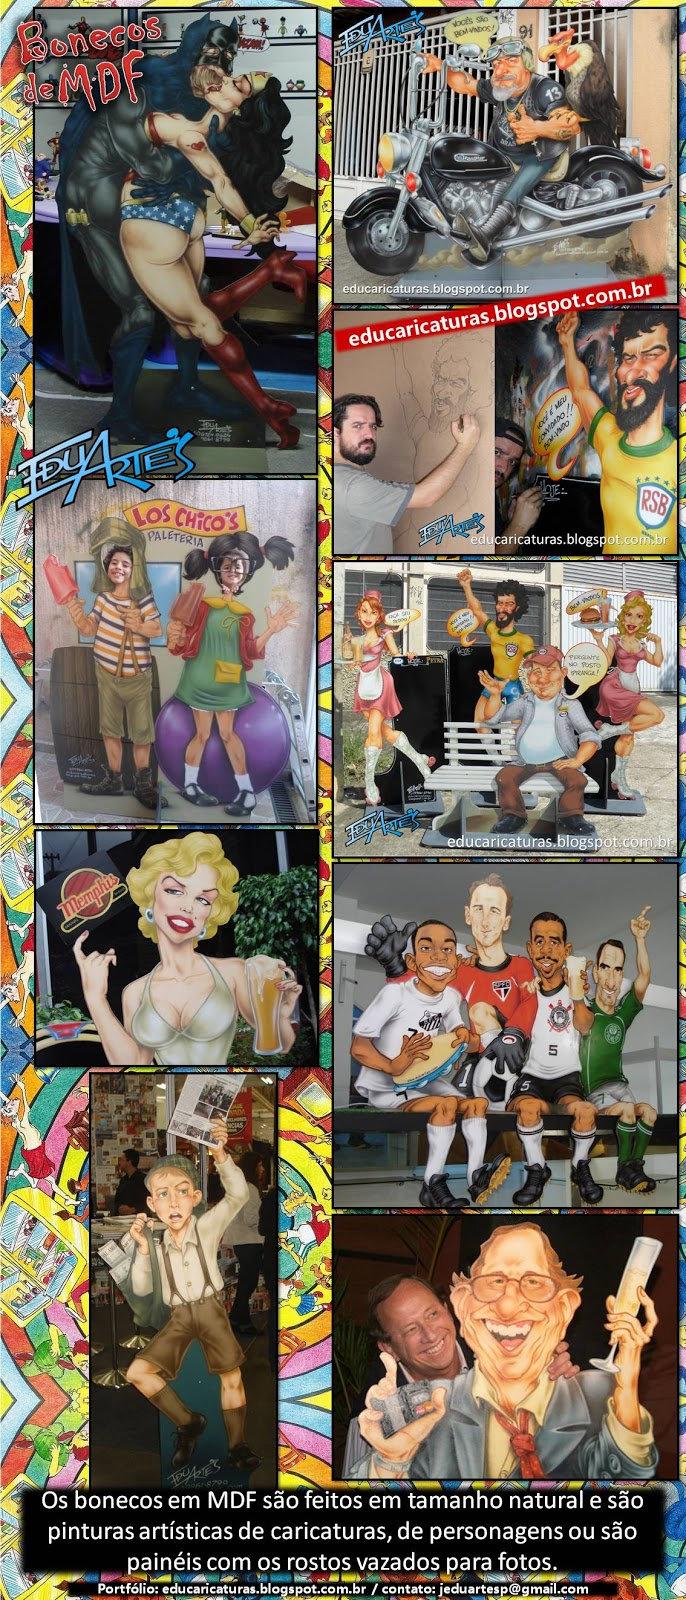 Bonecos e painéis com caricaturas em tamanho real